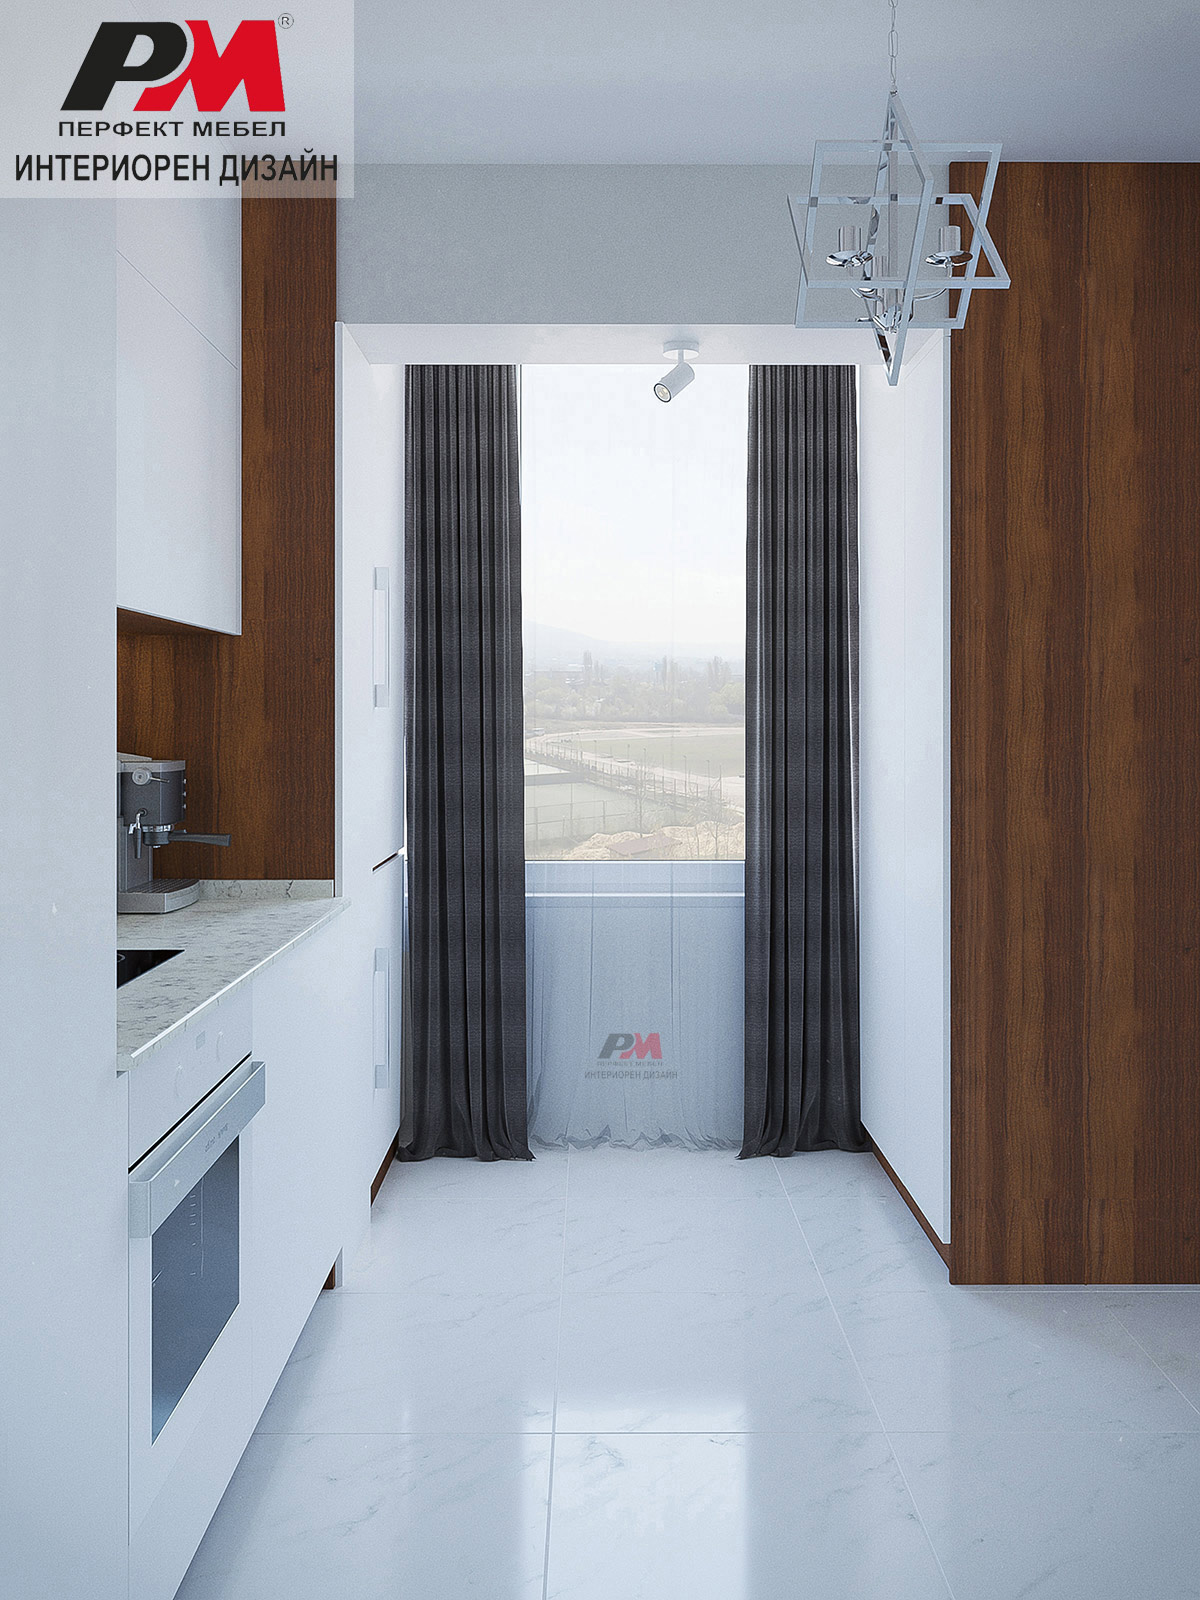 Съвременно интериорно звучене и семпла линия в стилно обзавеждане на кухня